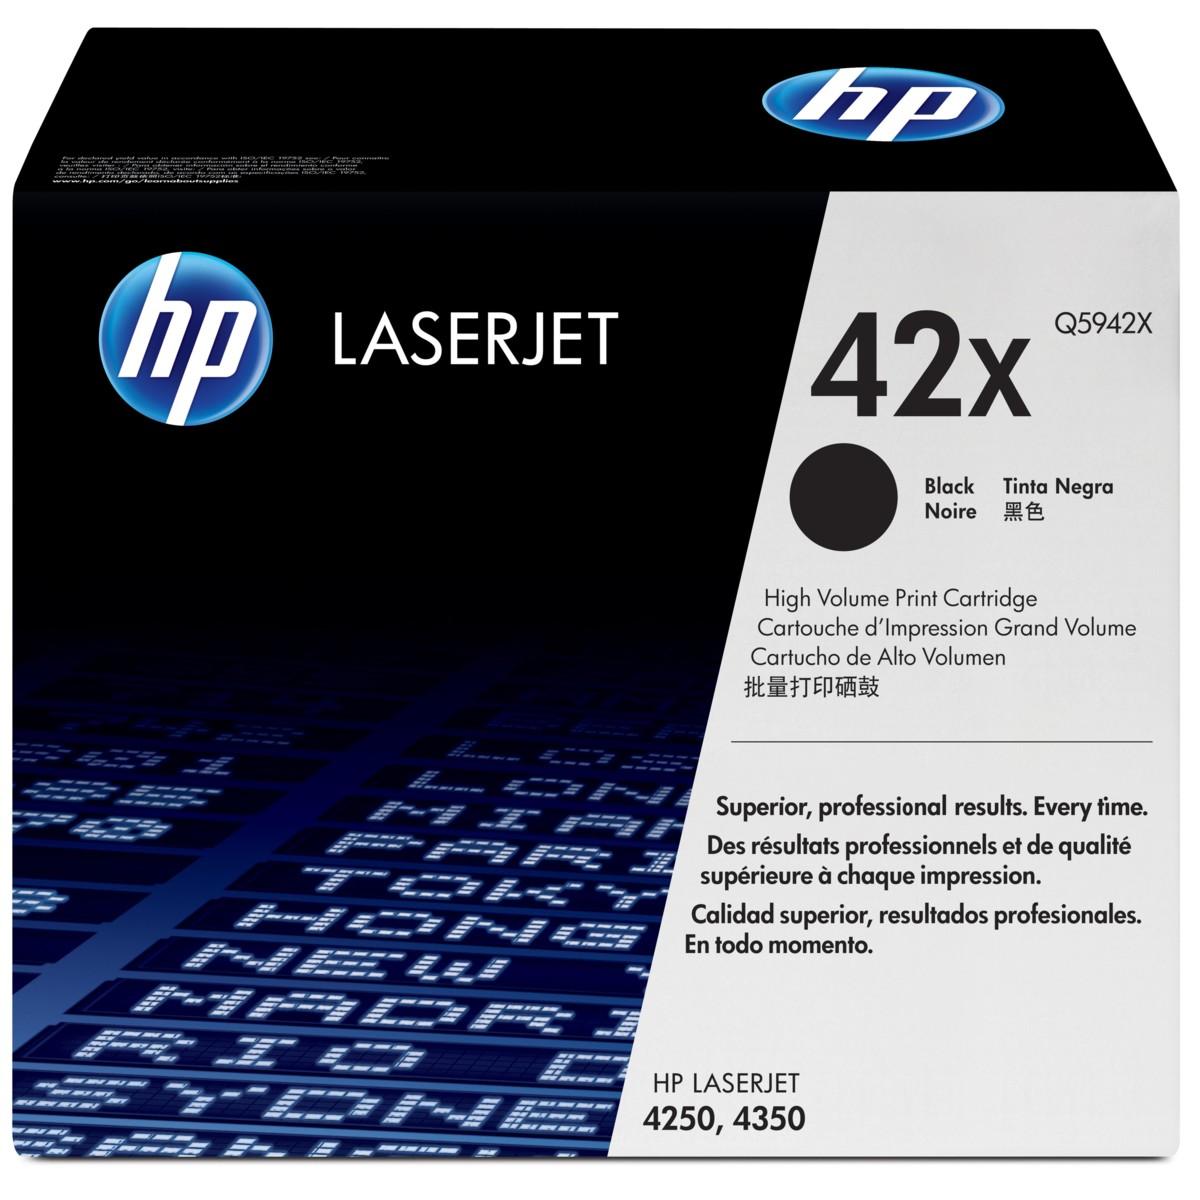 Toner HP č.42X - Q5942X - originálný (Čierny) - vybalen z dualpacku